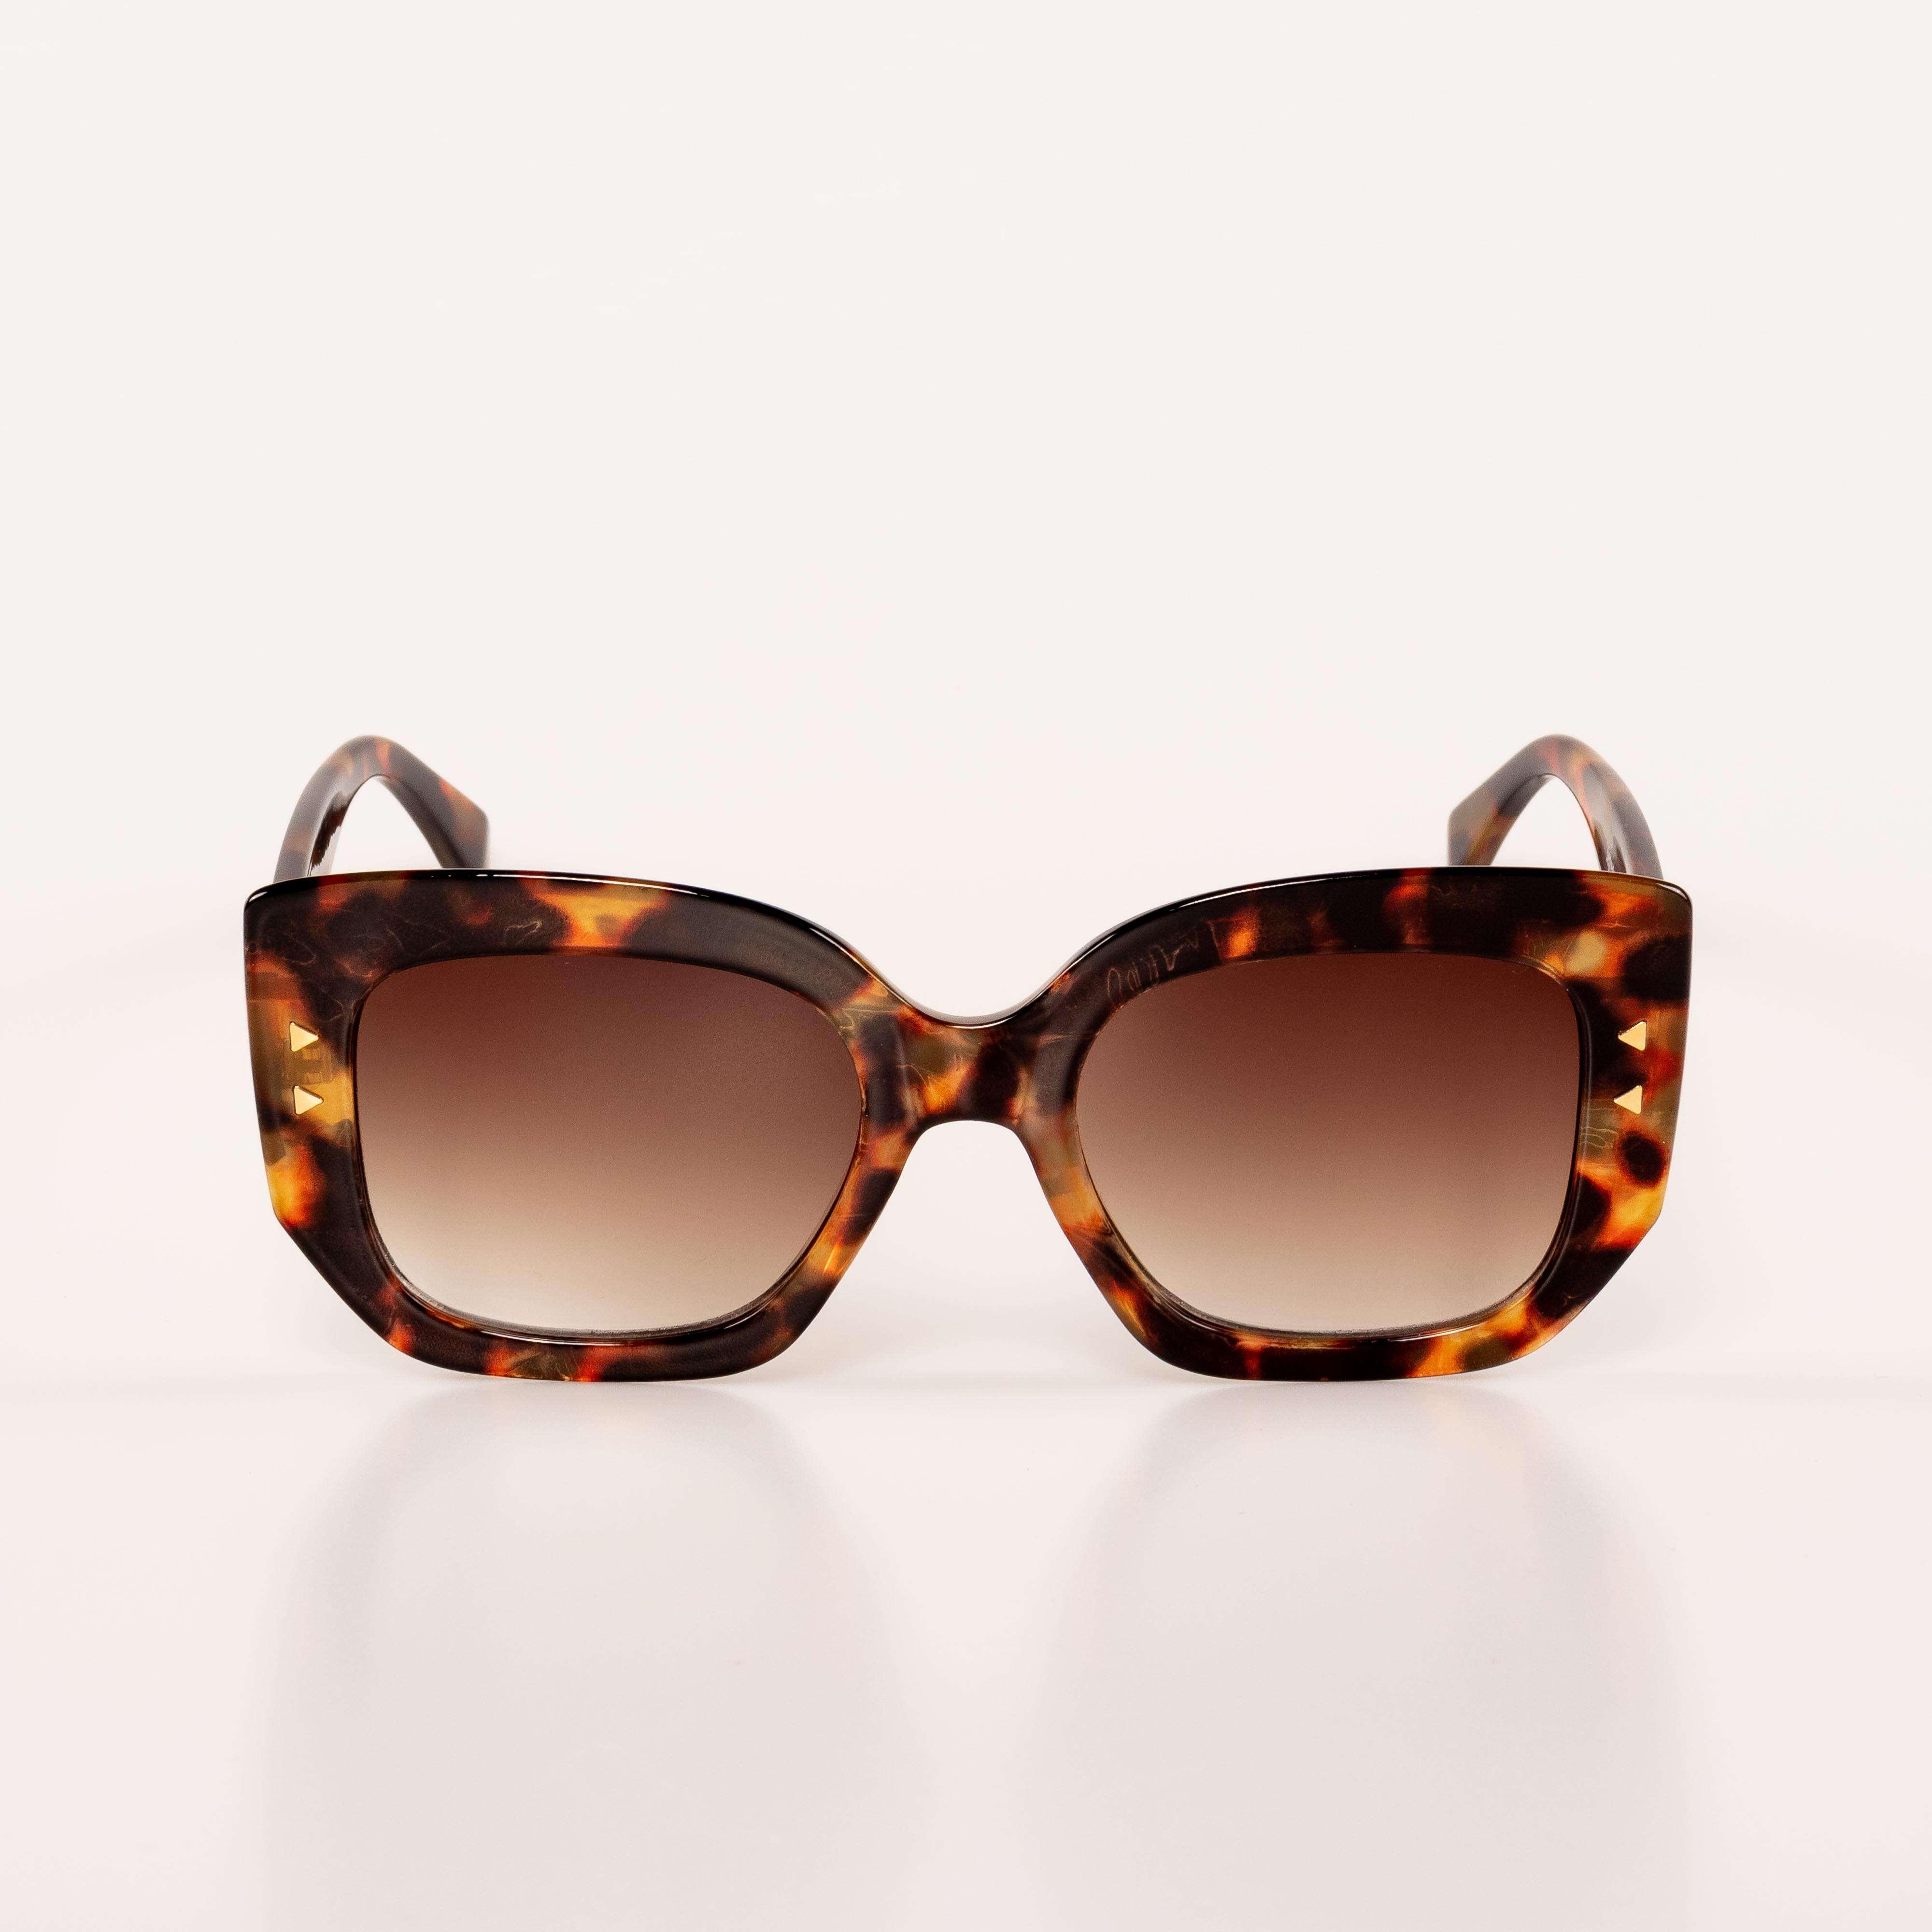 Kristhel Byancco lança coleção de óculos de sol